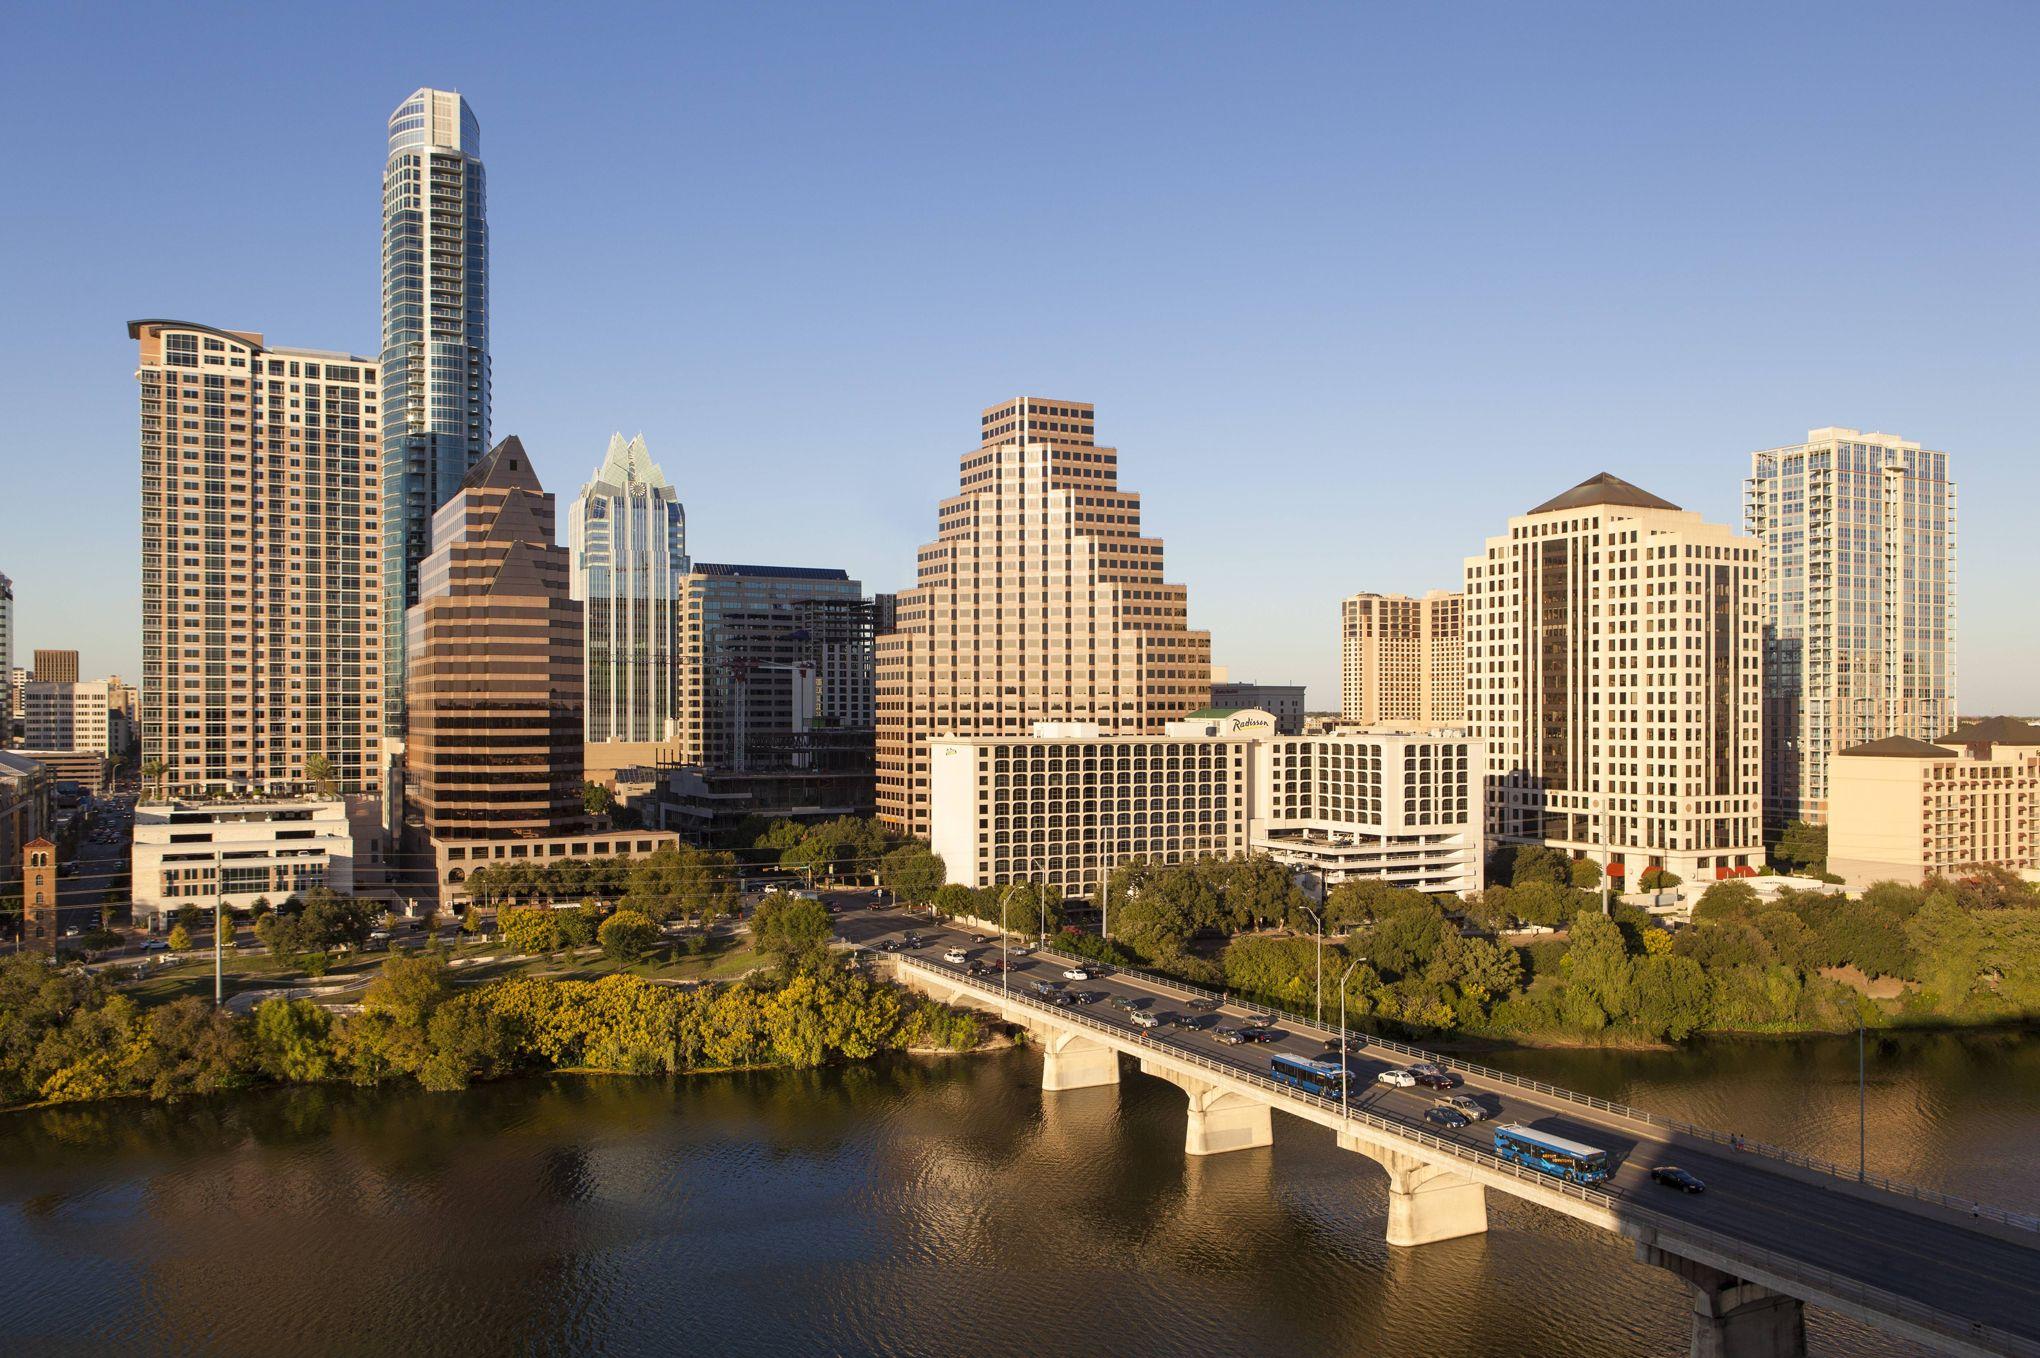 gratuit en ligne datant Austin Texas